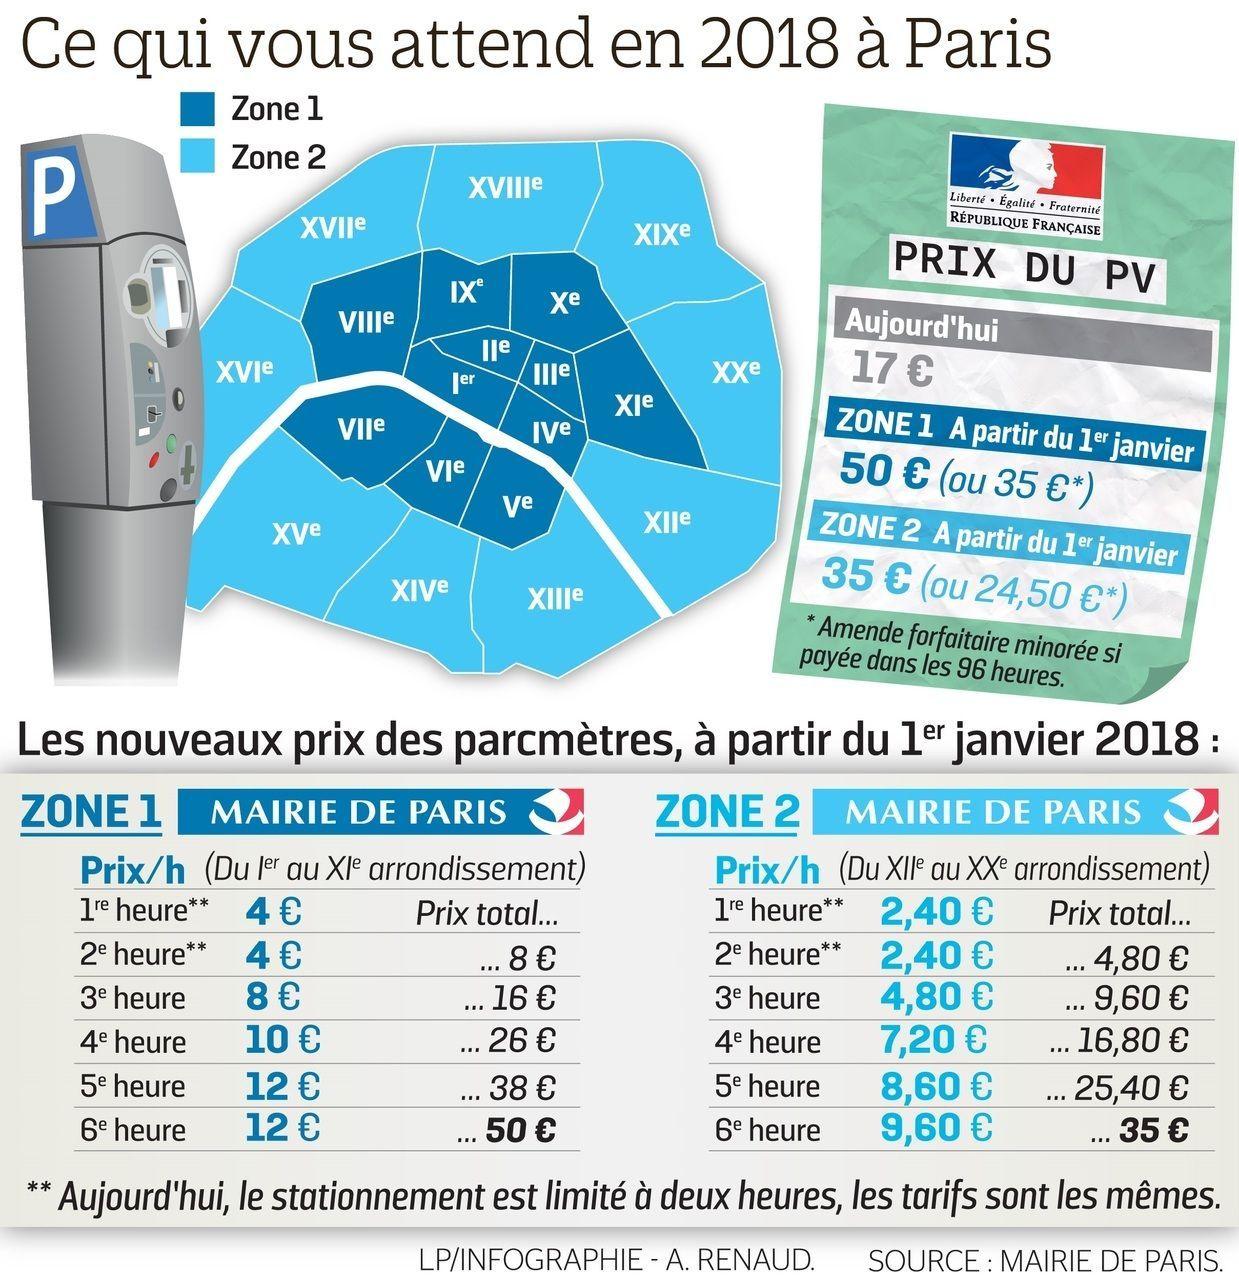 Ce qui vous attend à Paris en 2018